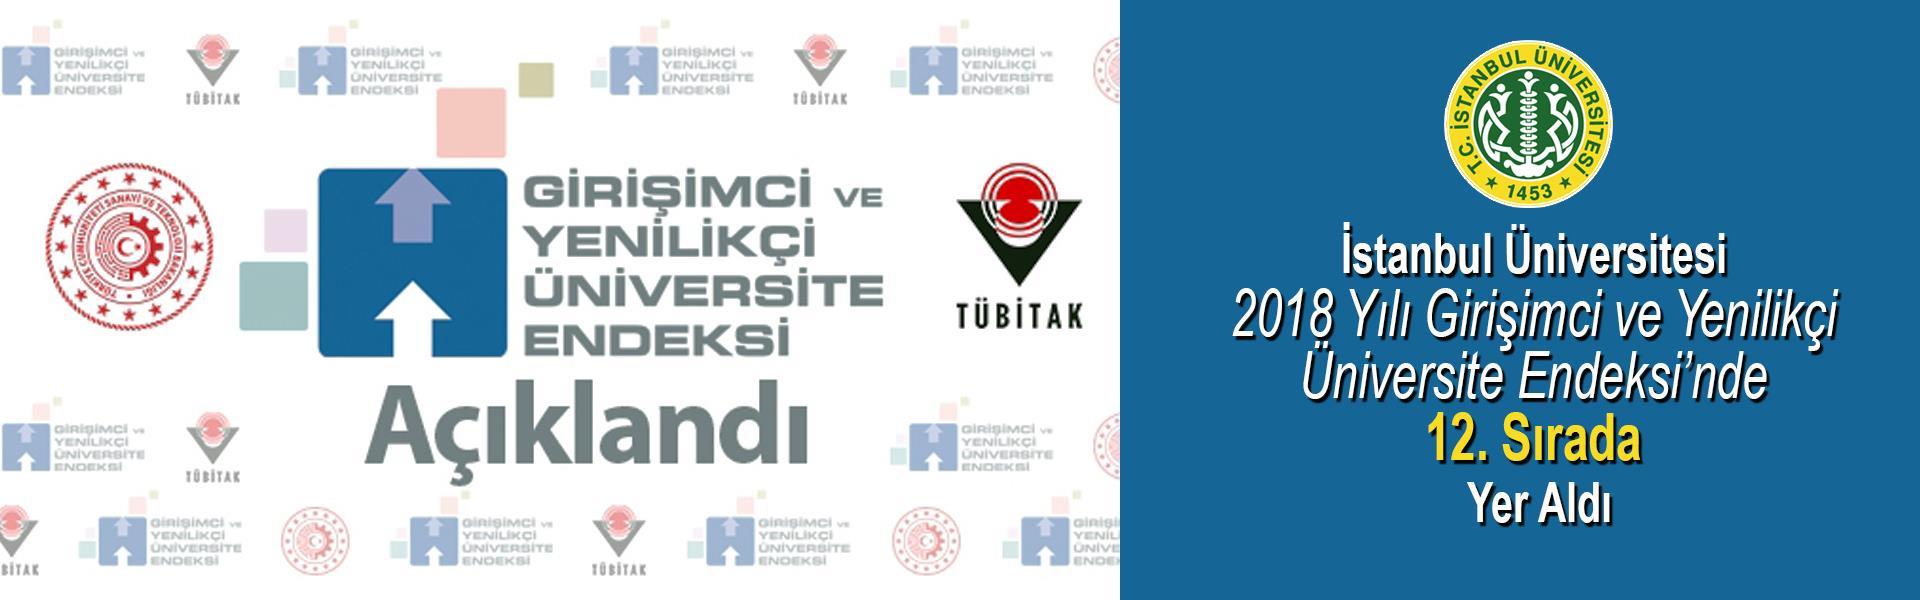 İstanbul-Üniversitesi-2018-Yılı-Girişimci-ve-Yenilikçi-Üniversite-Endeksi'nde-12.-Sırada-Yer-Aldı